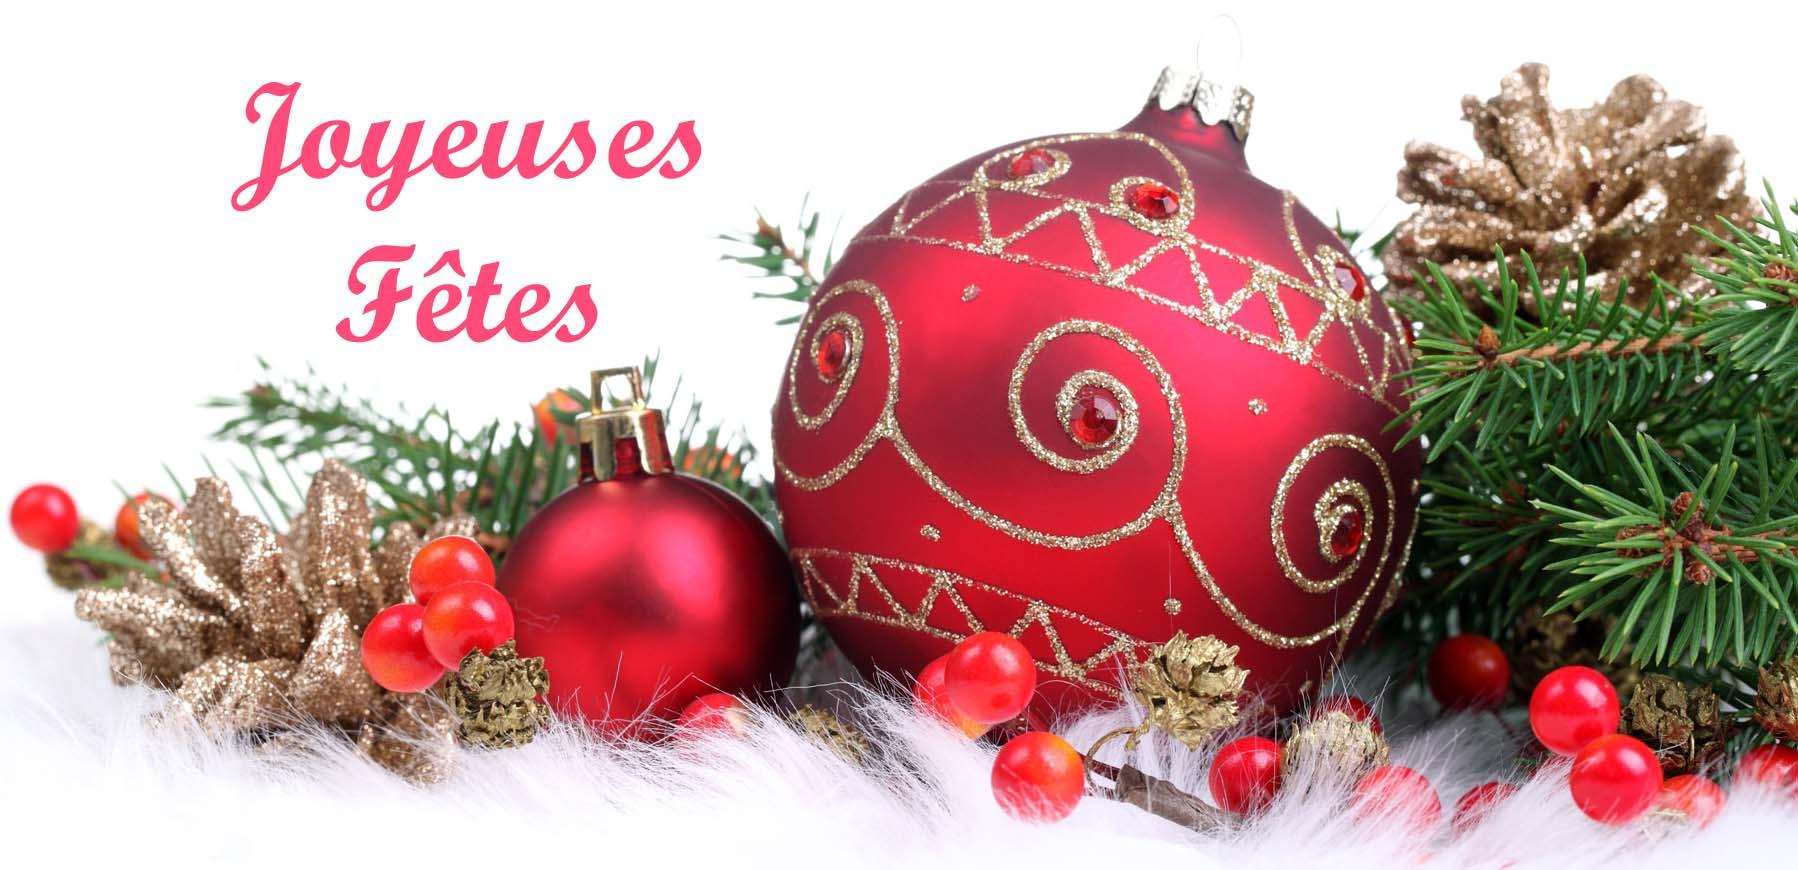 Joyeuses fêtes et merci!